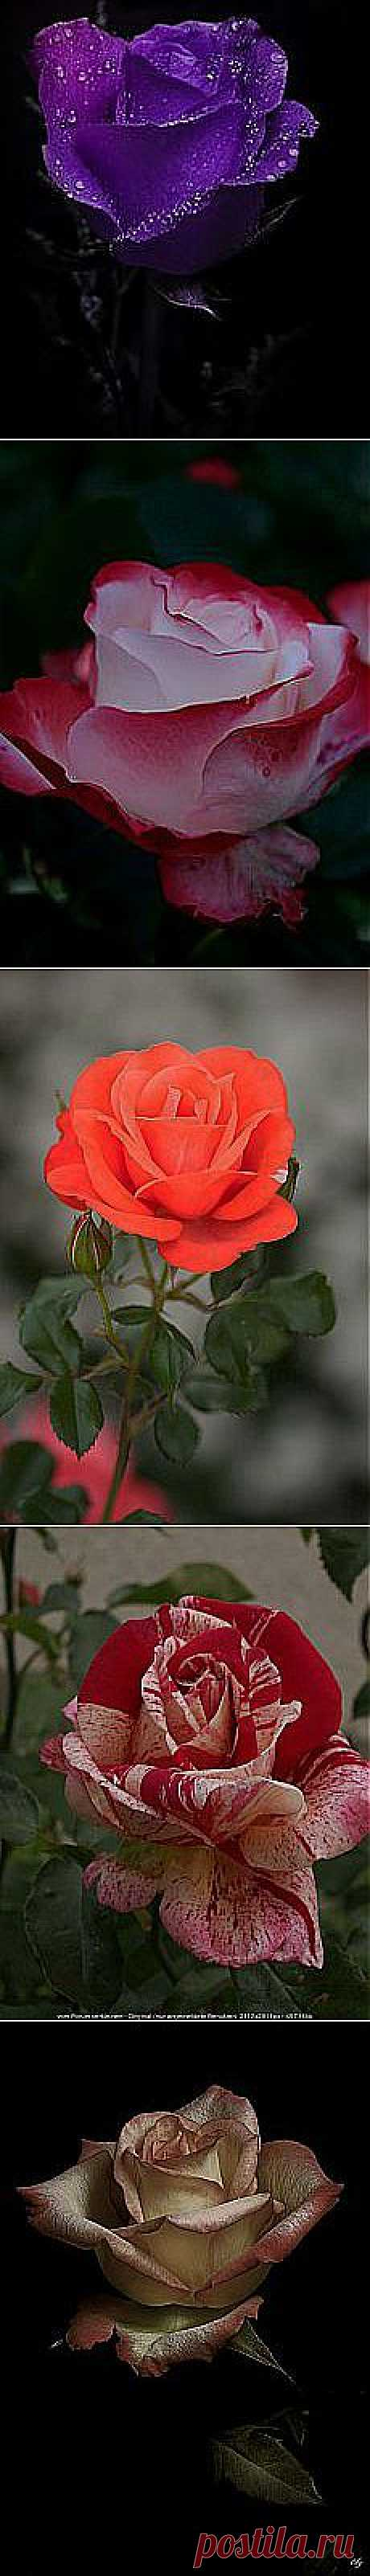 Курякова Наталья: розы | Постила